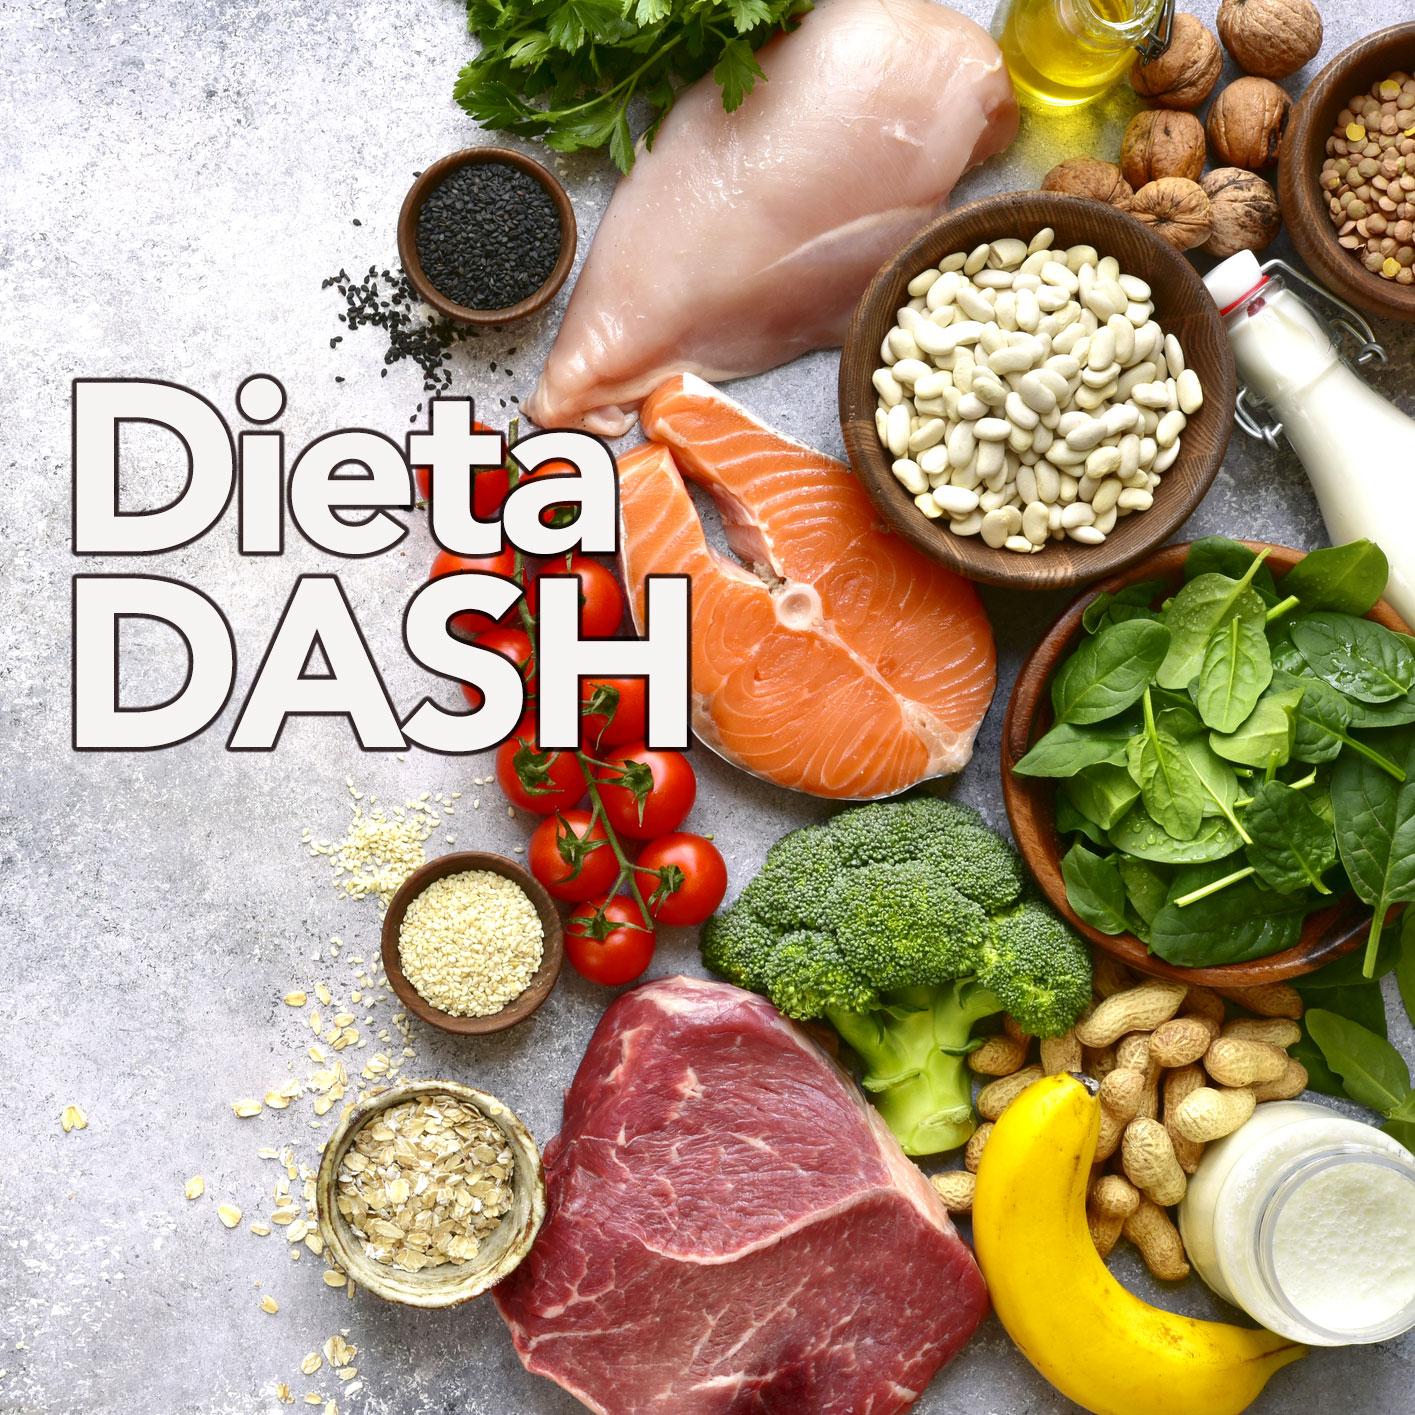 Dieta DASH, la dieta contra la hipertensión